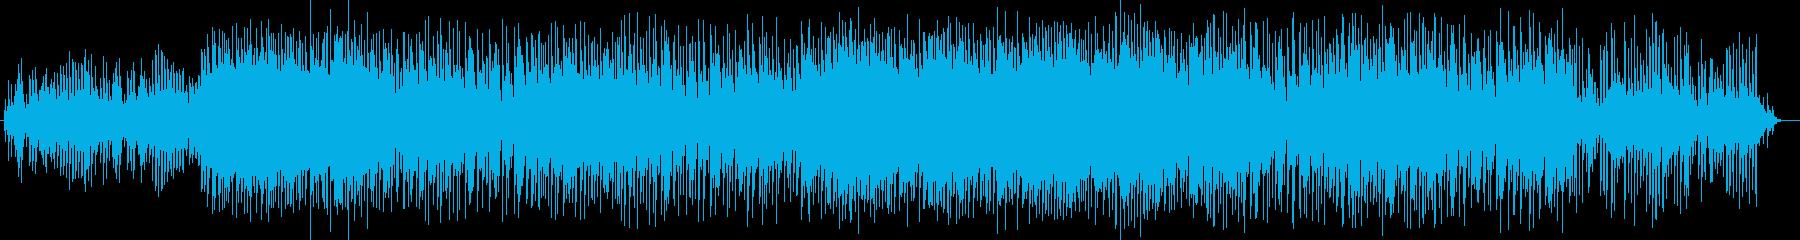 可憐でメロディアスなピアノバラードの再生済みの波形